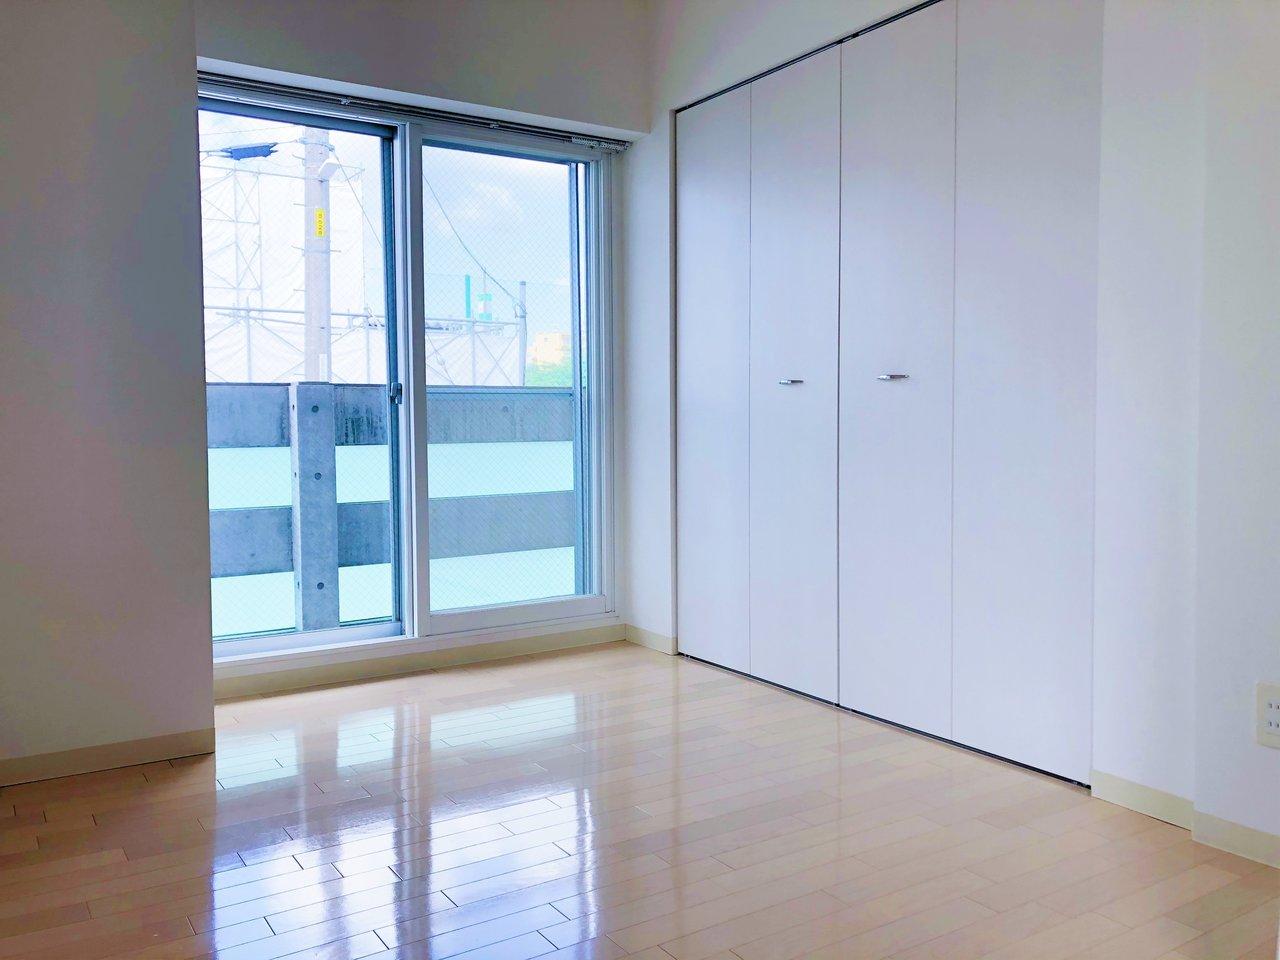 約4畳の洋室は、リビングと引き戸で繋がっています。ベランダもあり、大容量のクローゼットもあり。一人暮らしにはもってこいのお部屋です。